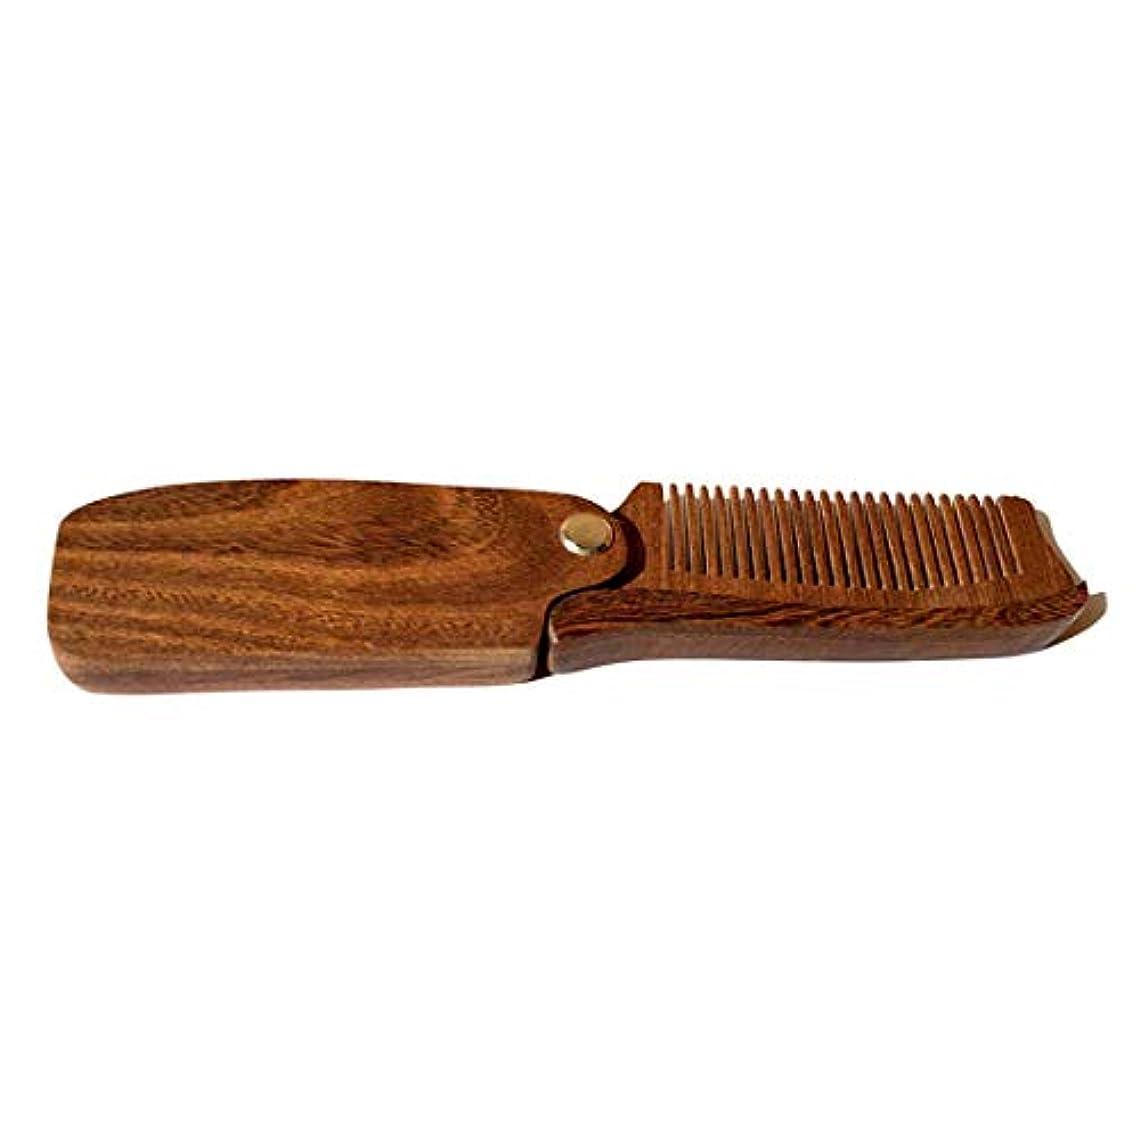 ライトニング割合適合しましたキャリーケース付き折りたたみ木製くし男性の髪、ひげと口ひげのスタイリングくし - ポケットサイズ、耐久性、帯電防止白檀のくし ヘアケア (色 : Wood color)